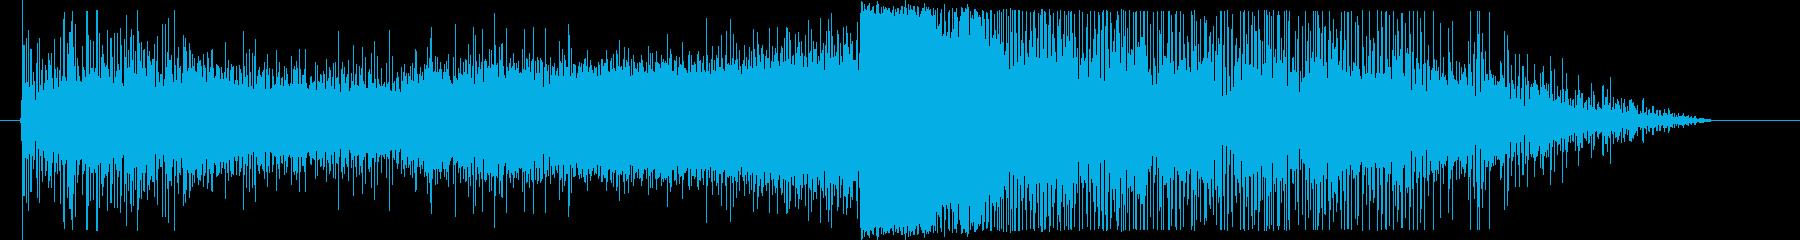 宇宙船ワープ音の再生済みの波形